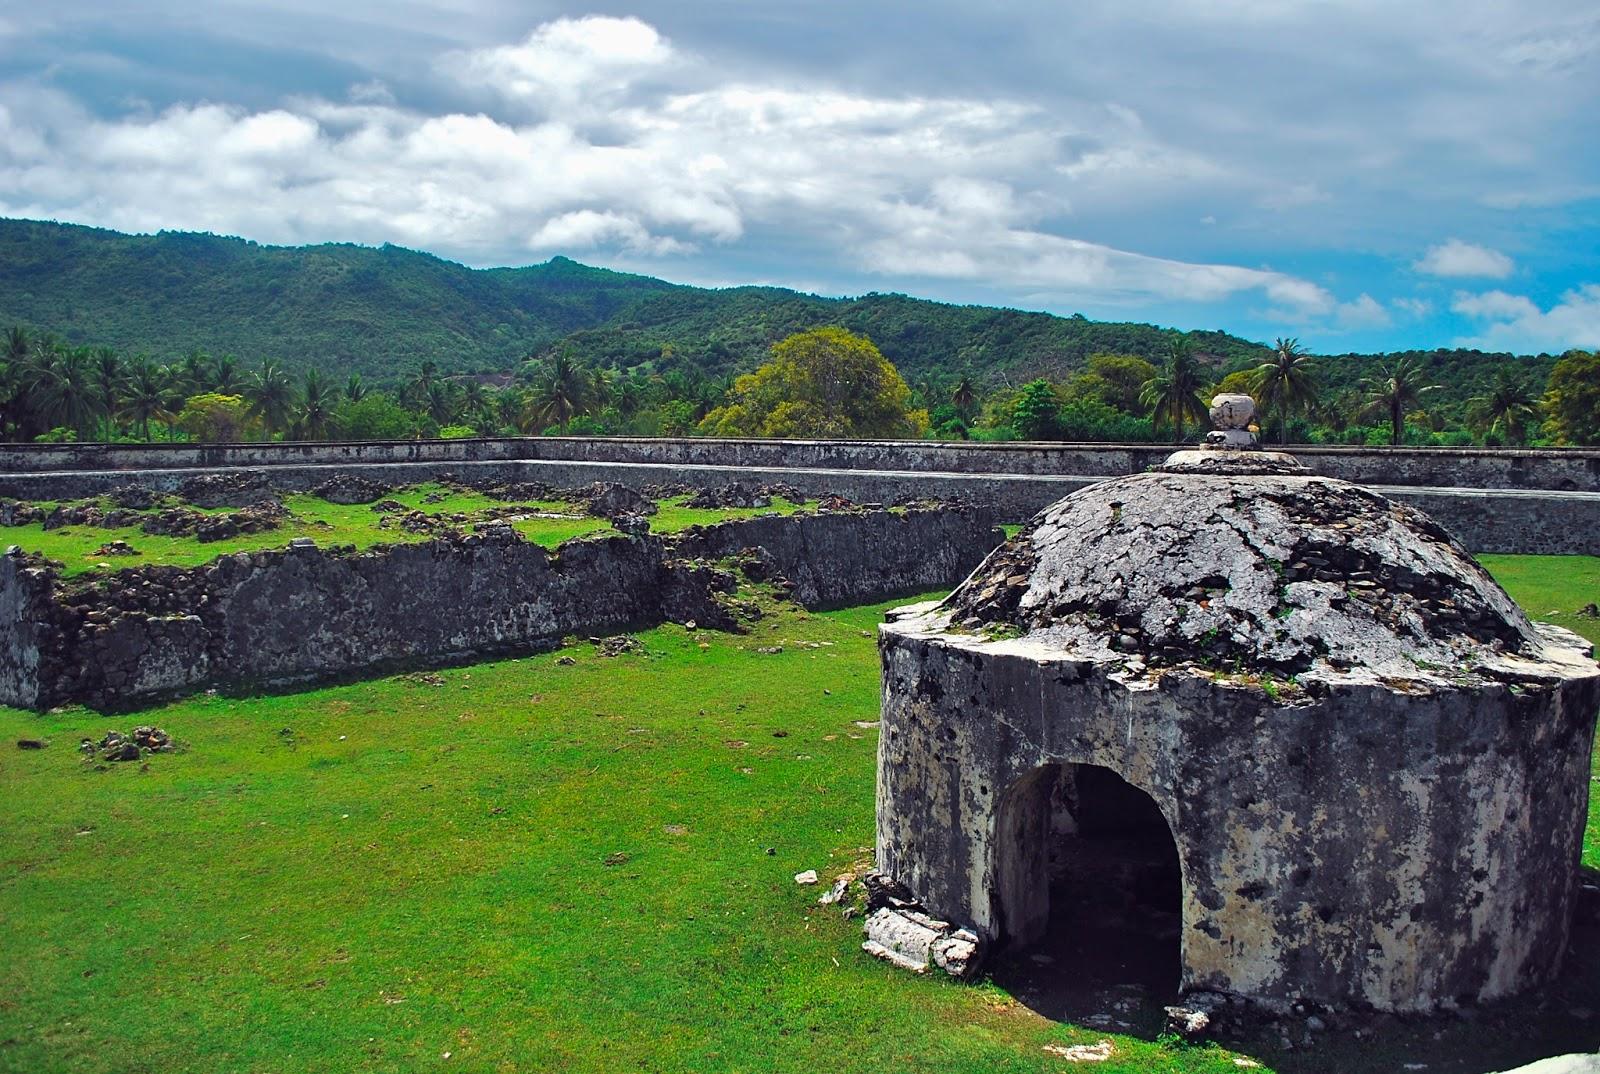 Benteng Indra Patra Bukti Sejarah Hindu Buddha Aceh Indrapatra Kota